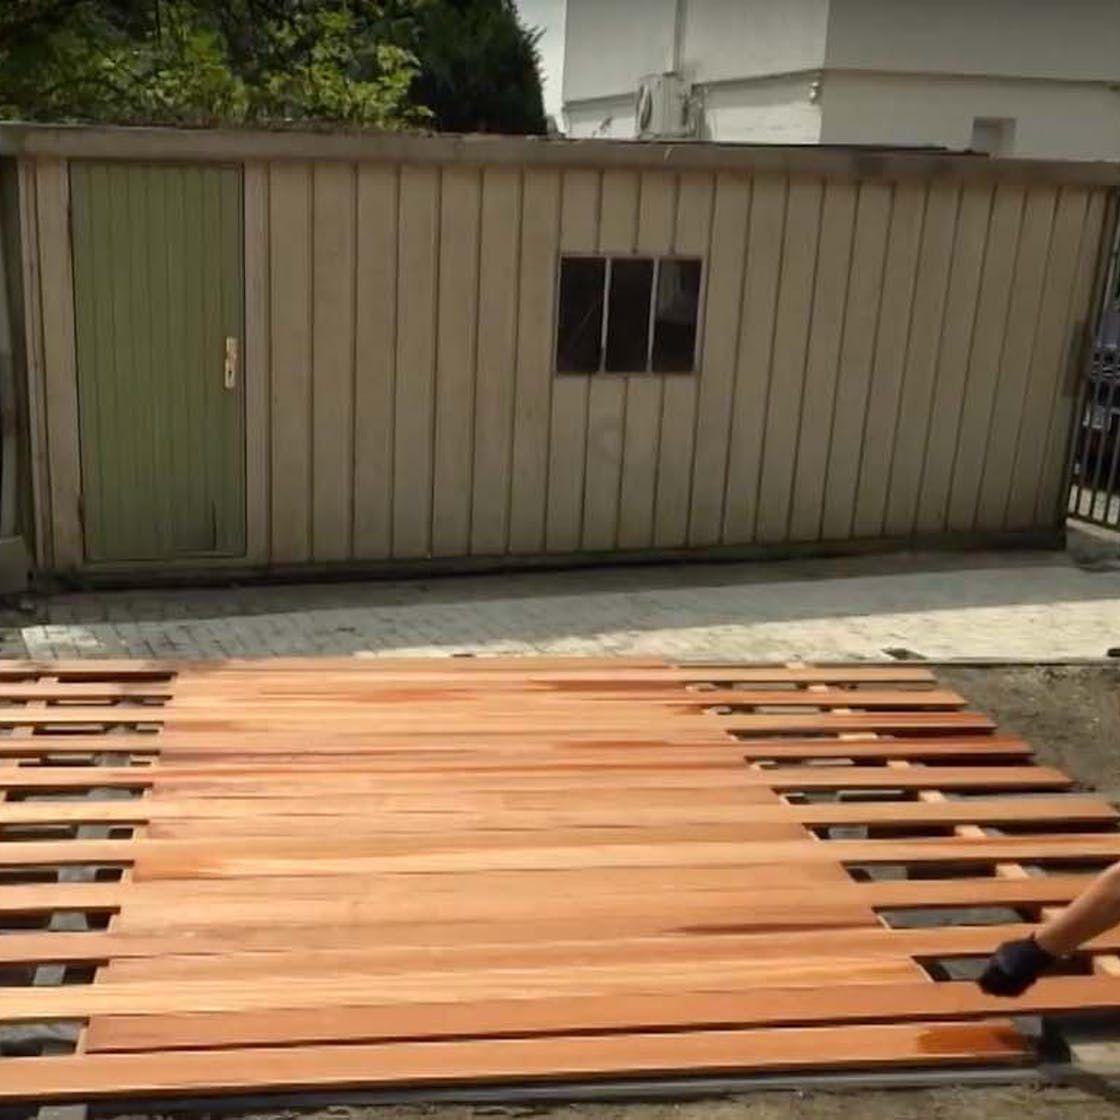 Holzterrasse bauen Schritt für Schritt (mit Bildern